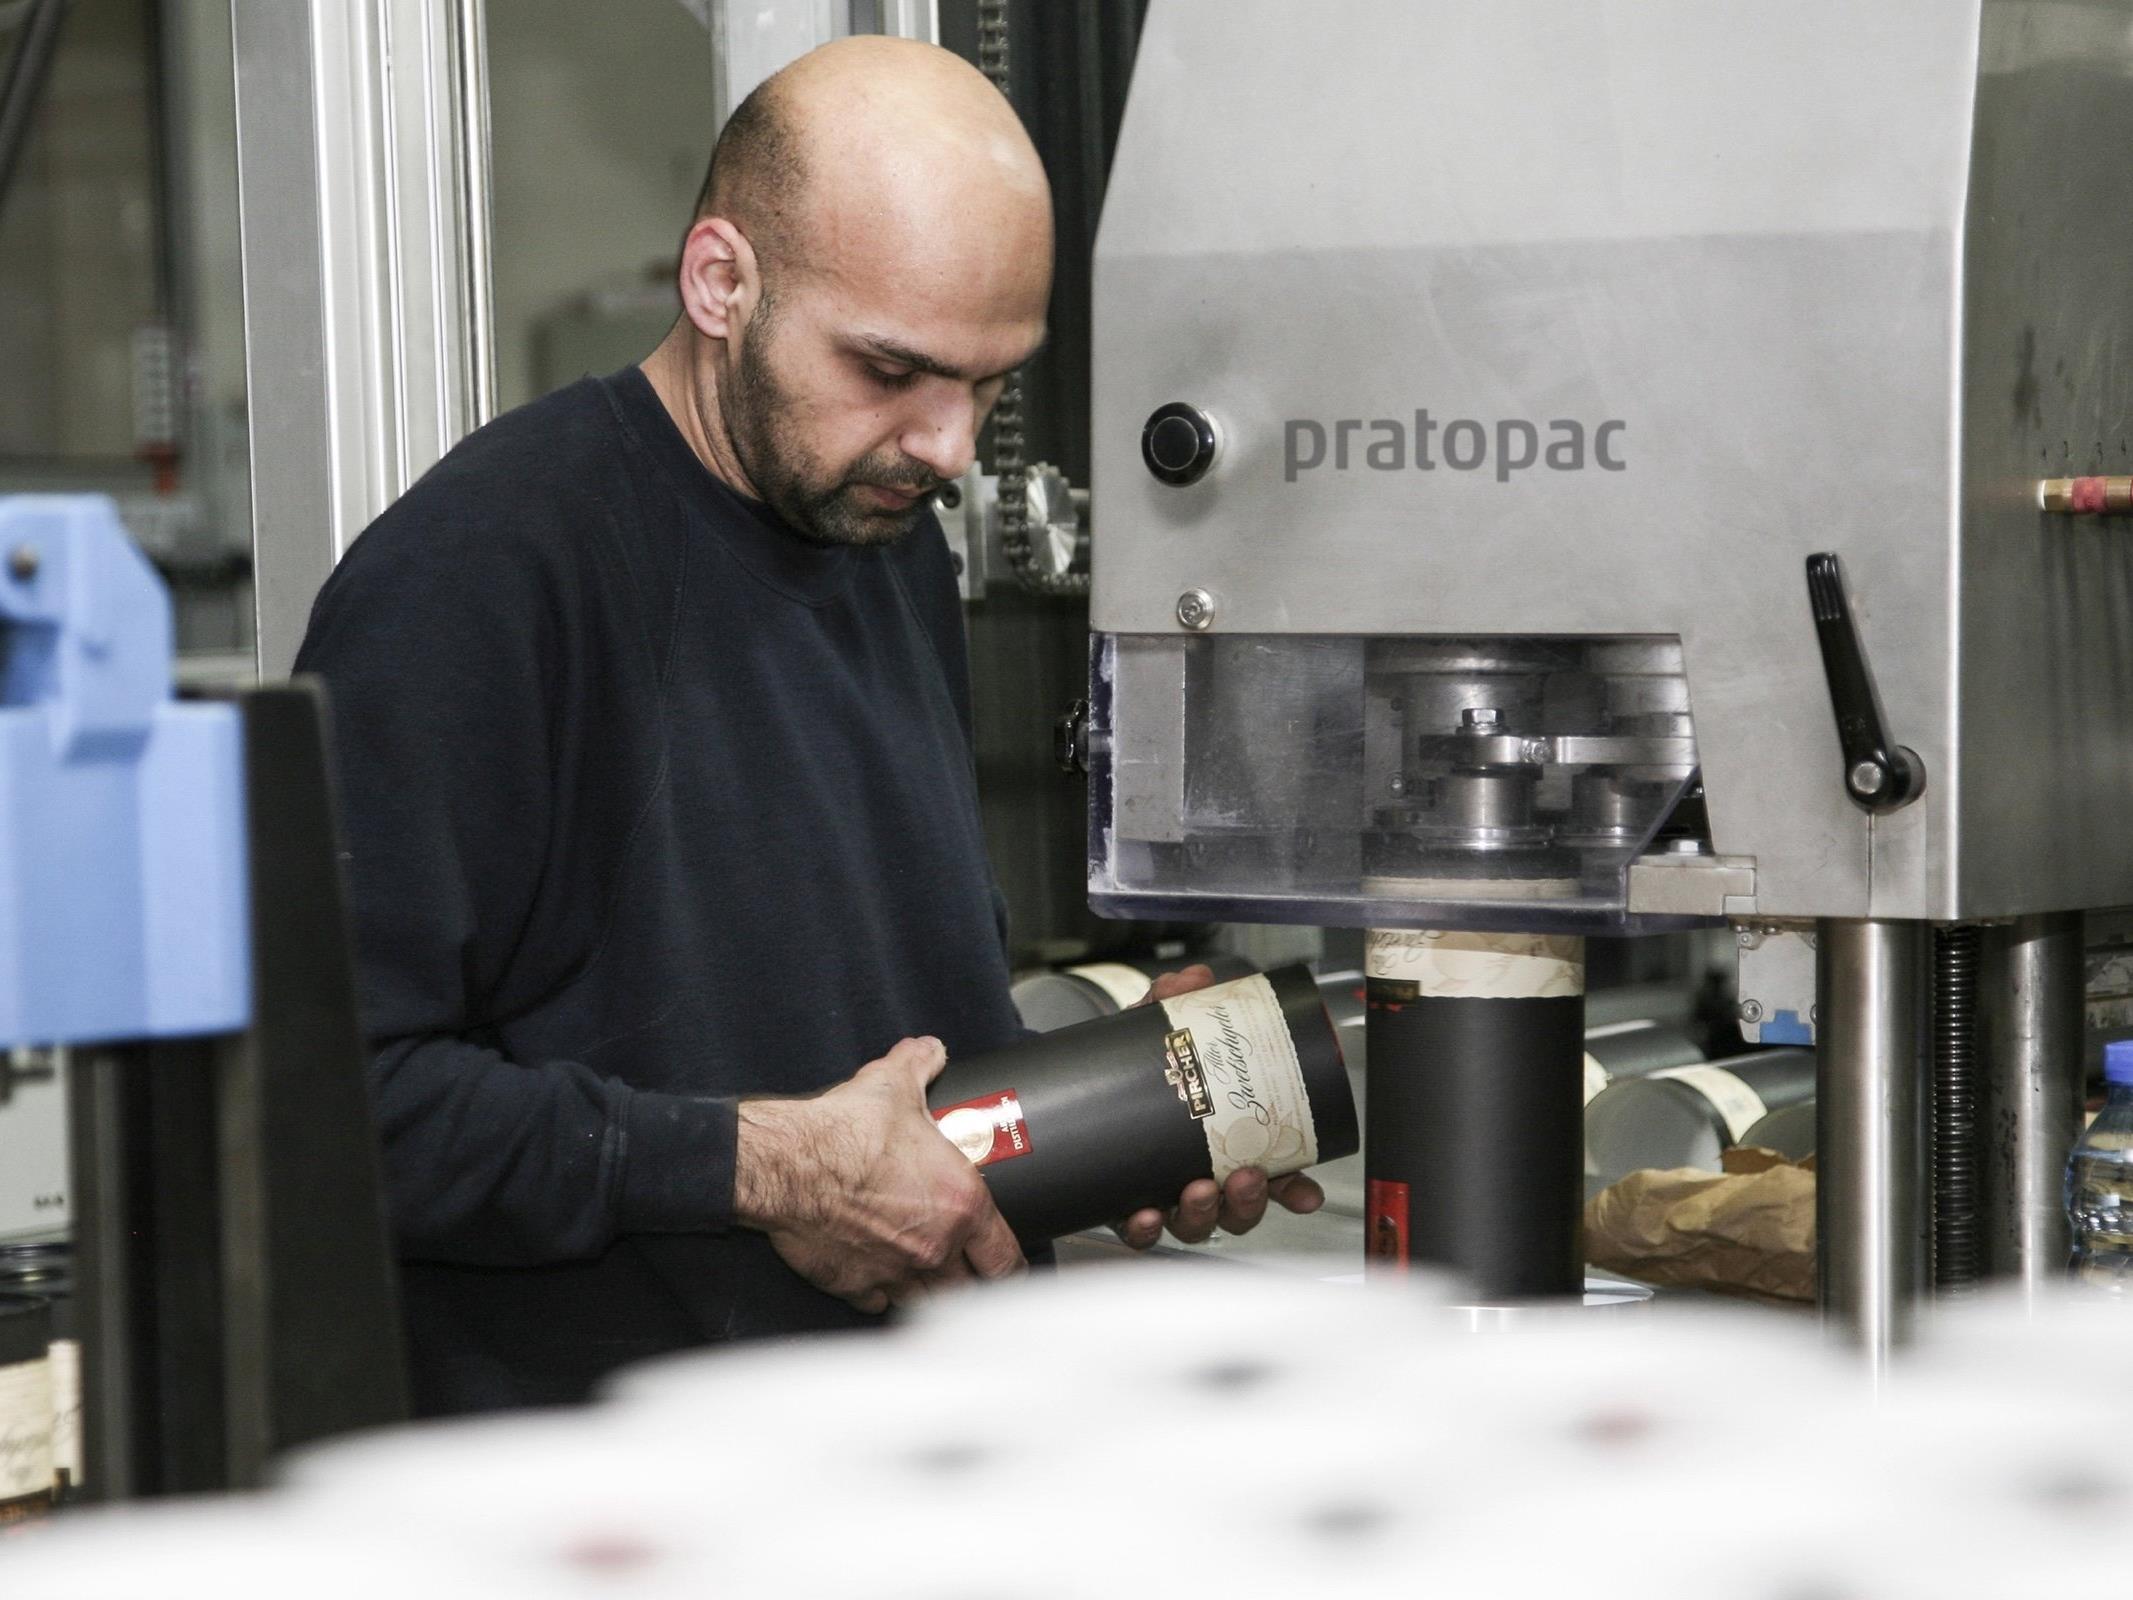 pratopac beschäftigt in Klaus und Weiler 56 Mitarbeiter.